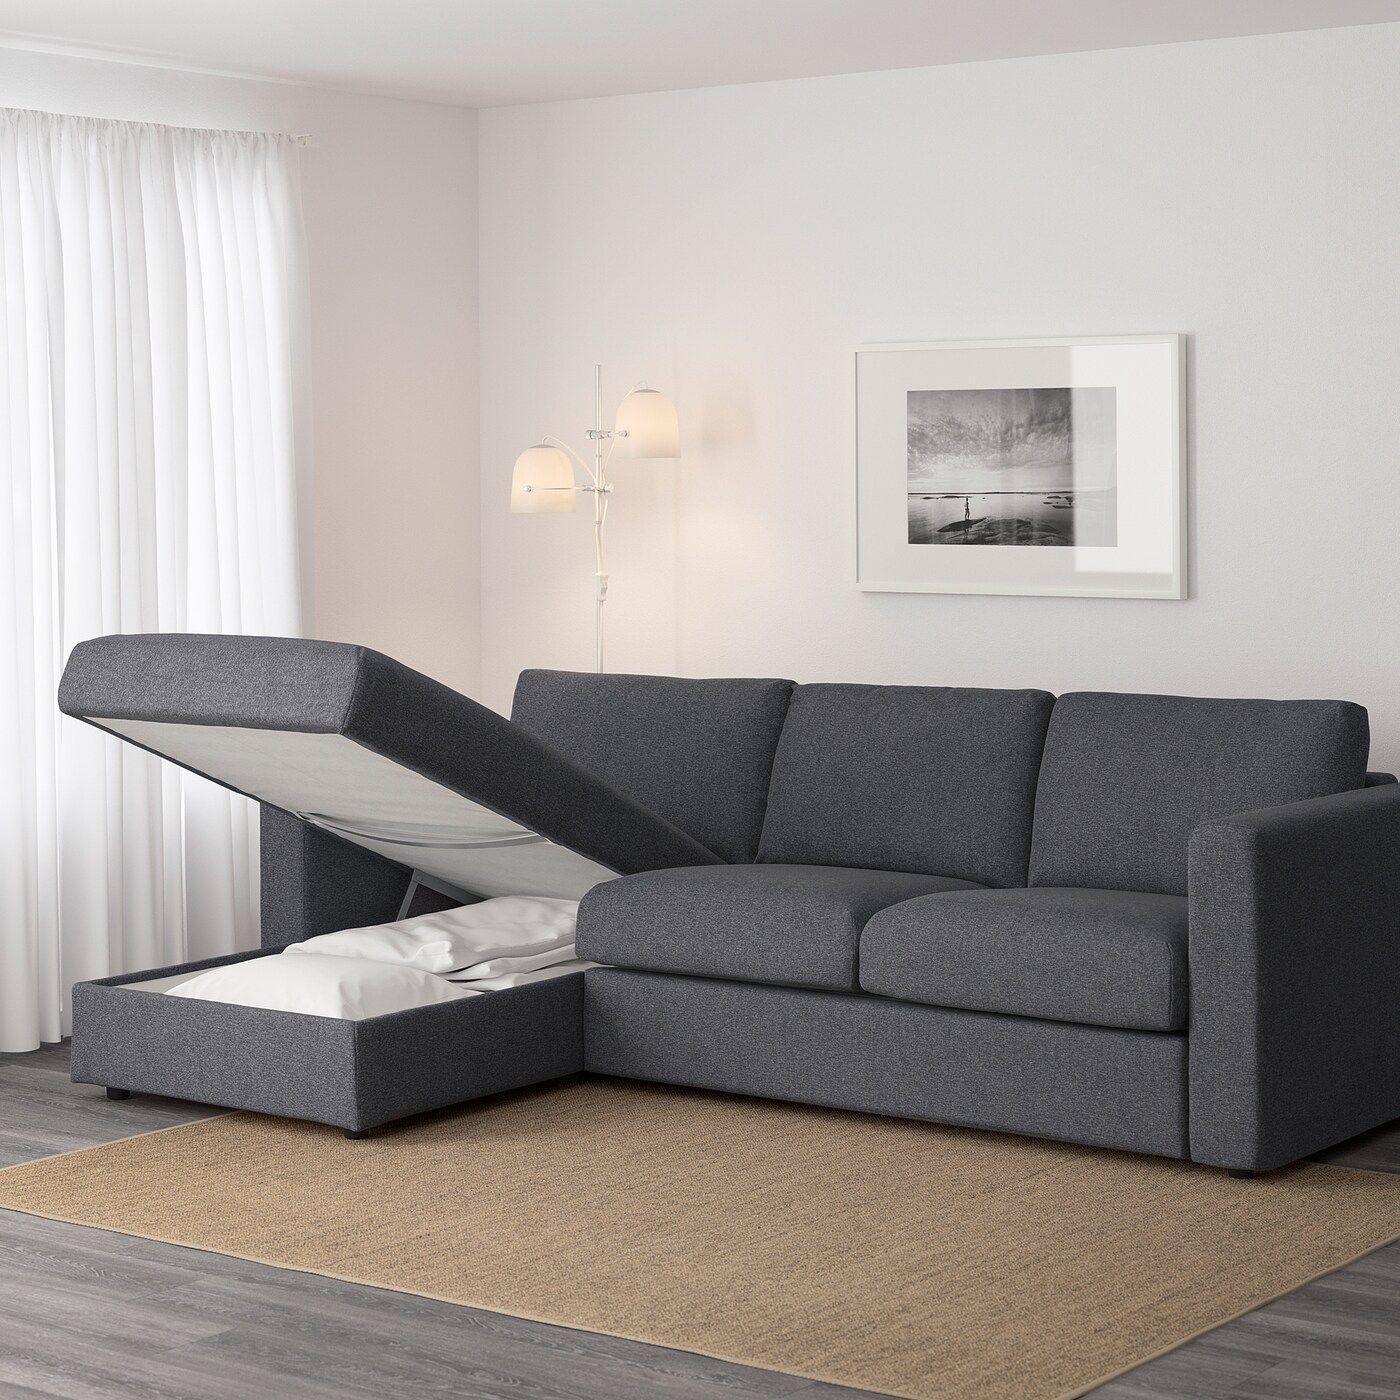 Ikea Vimle Sofa In 2020 Sofa Cozy Sofa Sofa Frame